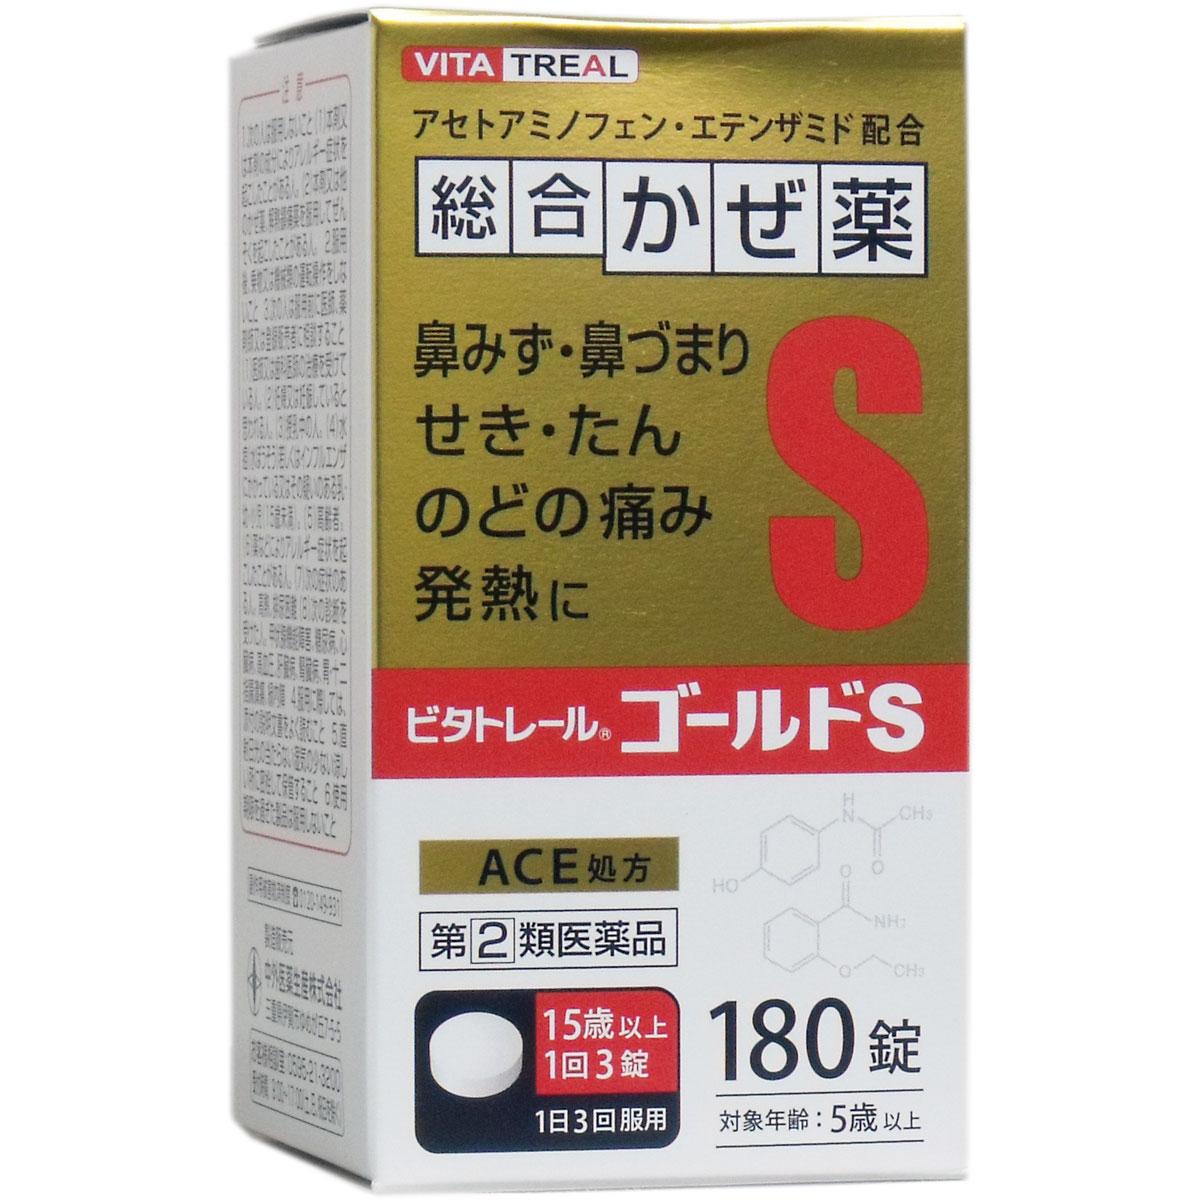 【第(2)類医薬品】 ビタトレール ゴールドS 総合かぜ薬 180錠